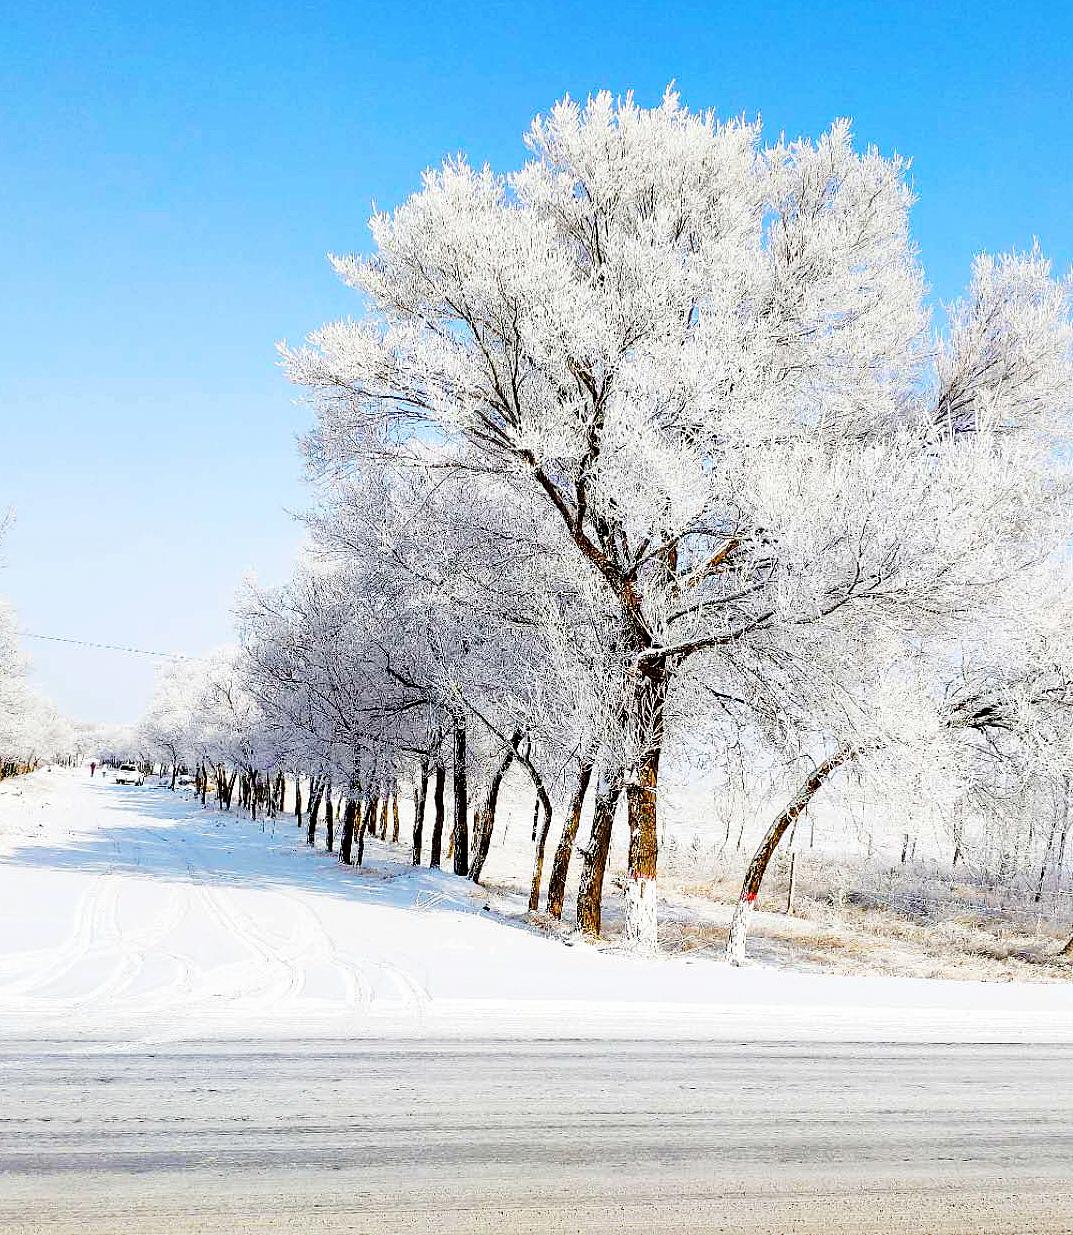 河北张家口:塞外雾淞与雪地相映成趣 现银装素裹美景